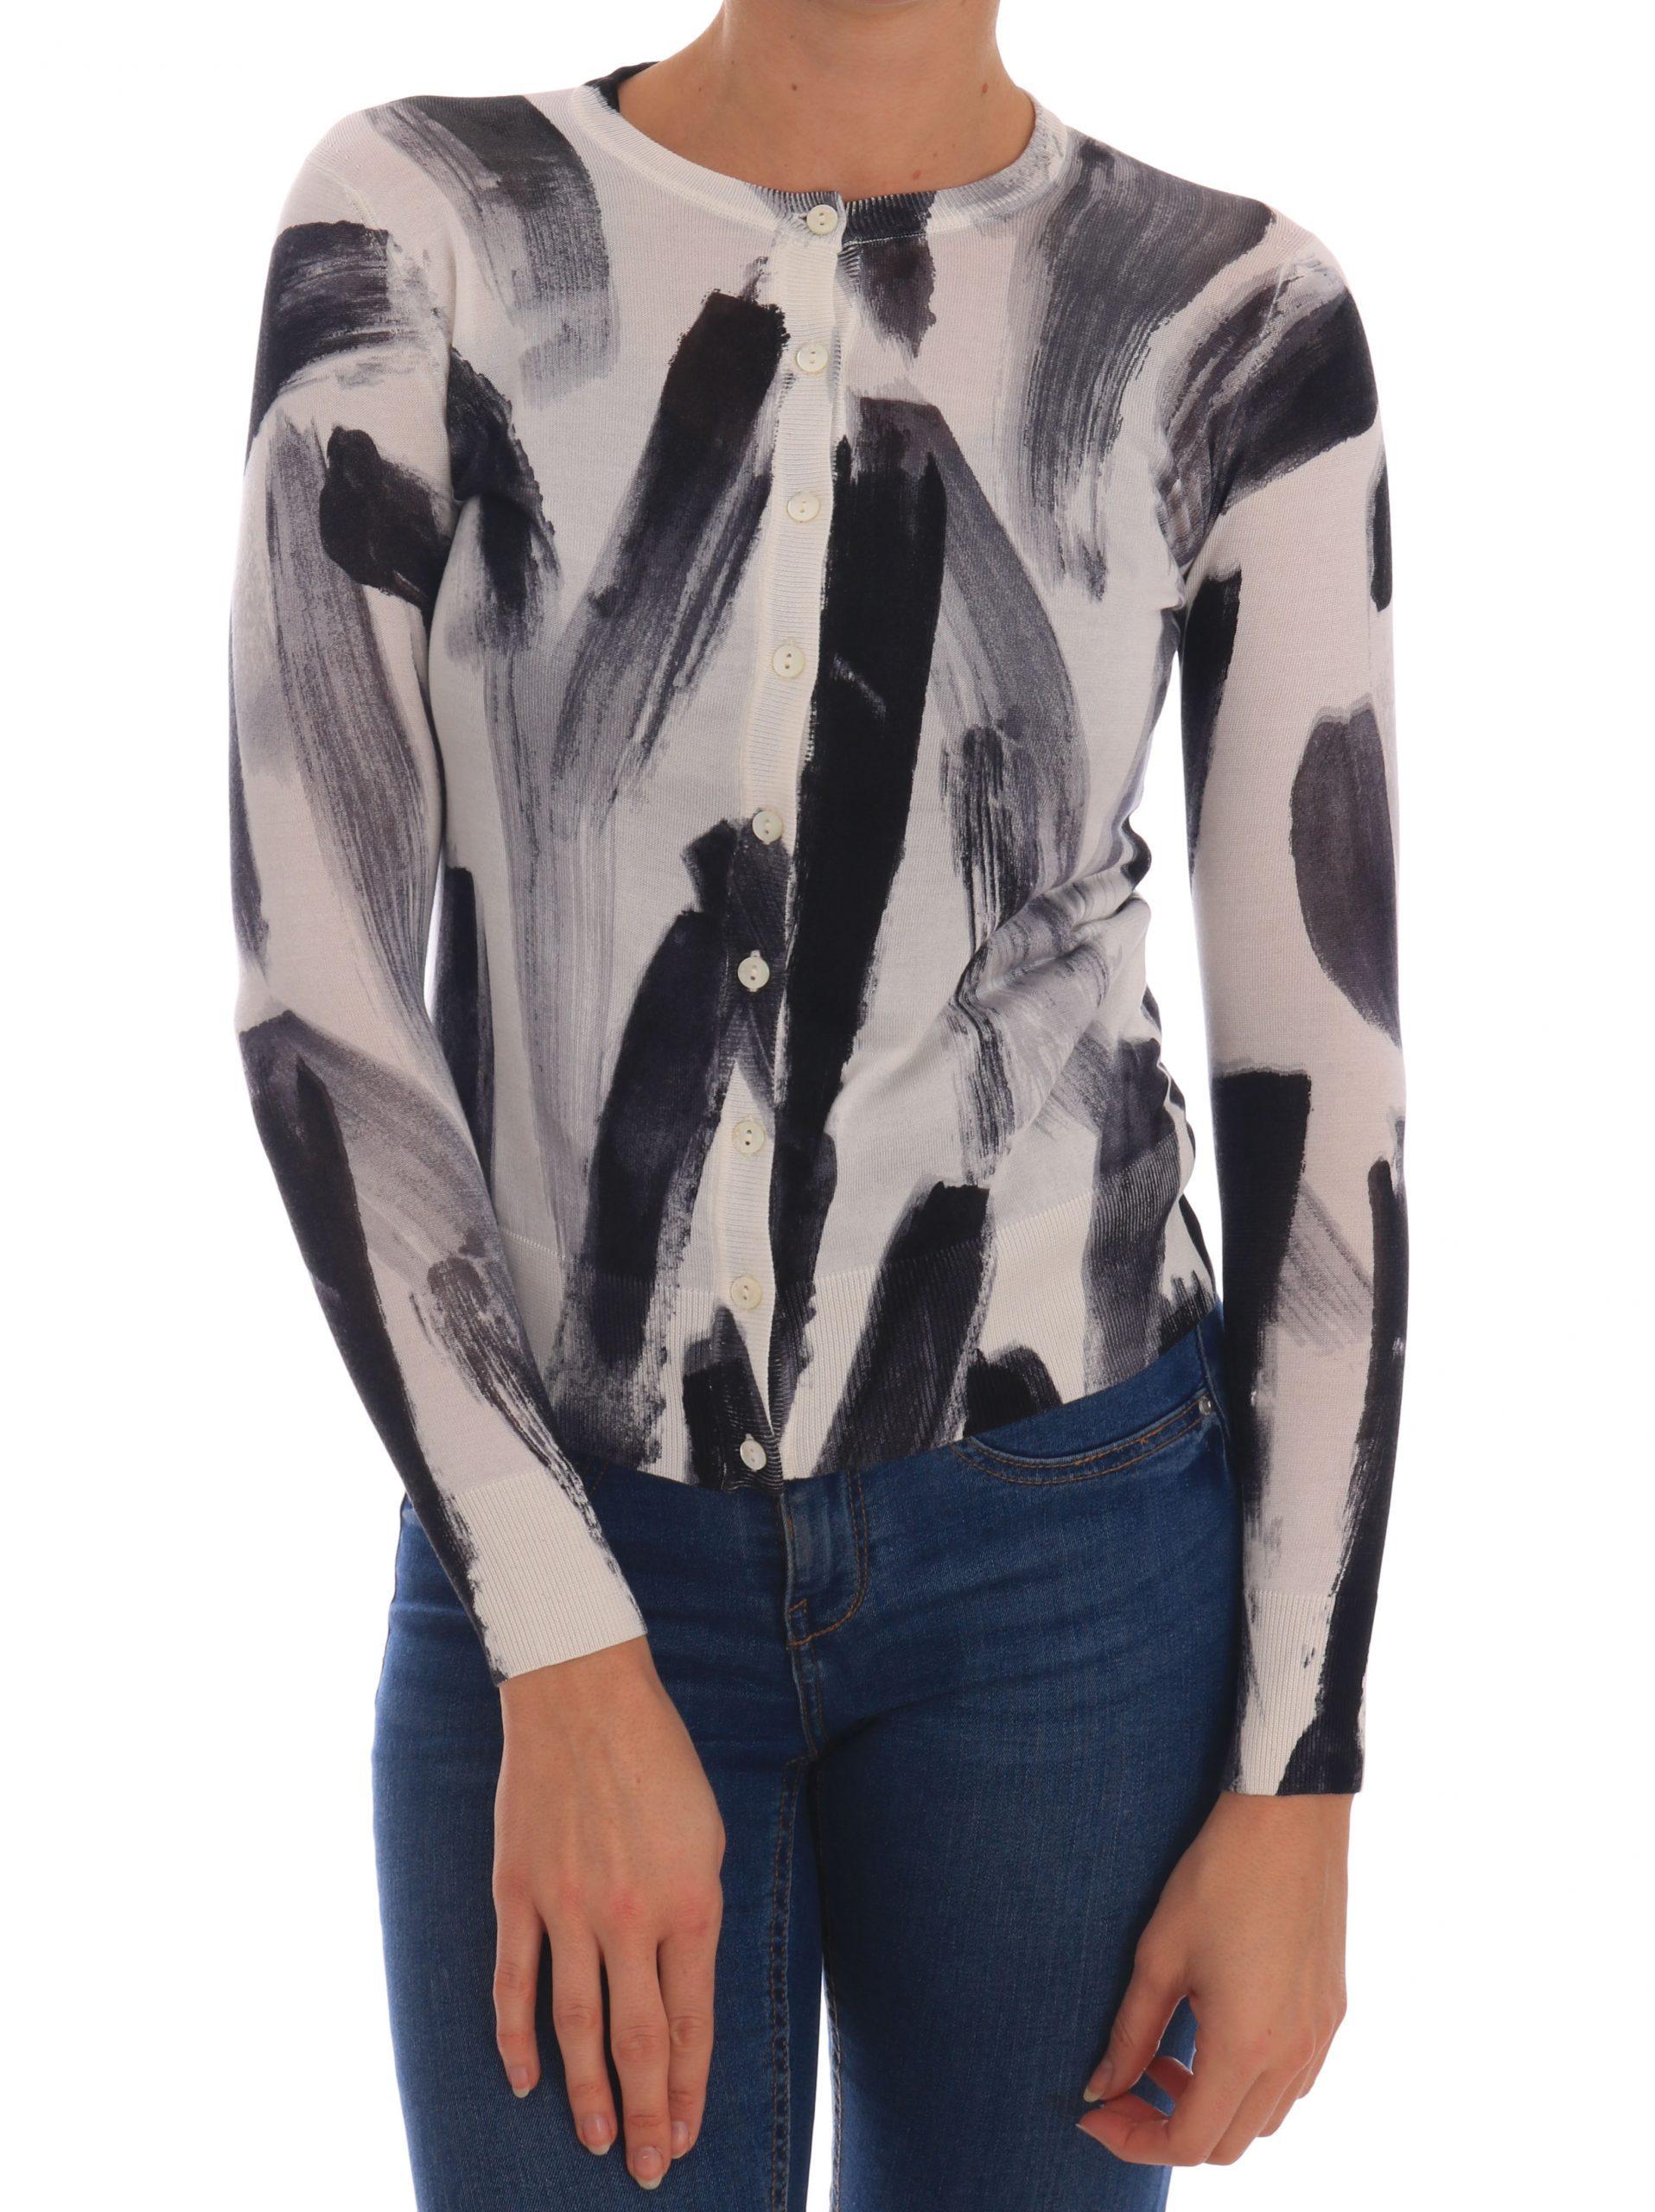 Dolce & Gabbana Women's Lightweight Silk Paint Stroke Cardigan Black TSH1924 - IT36 XXS